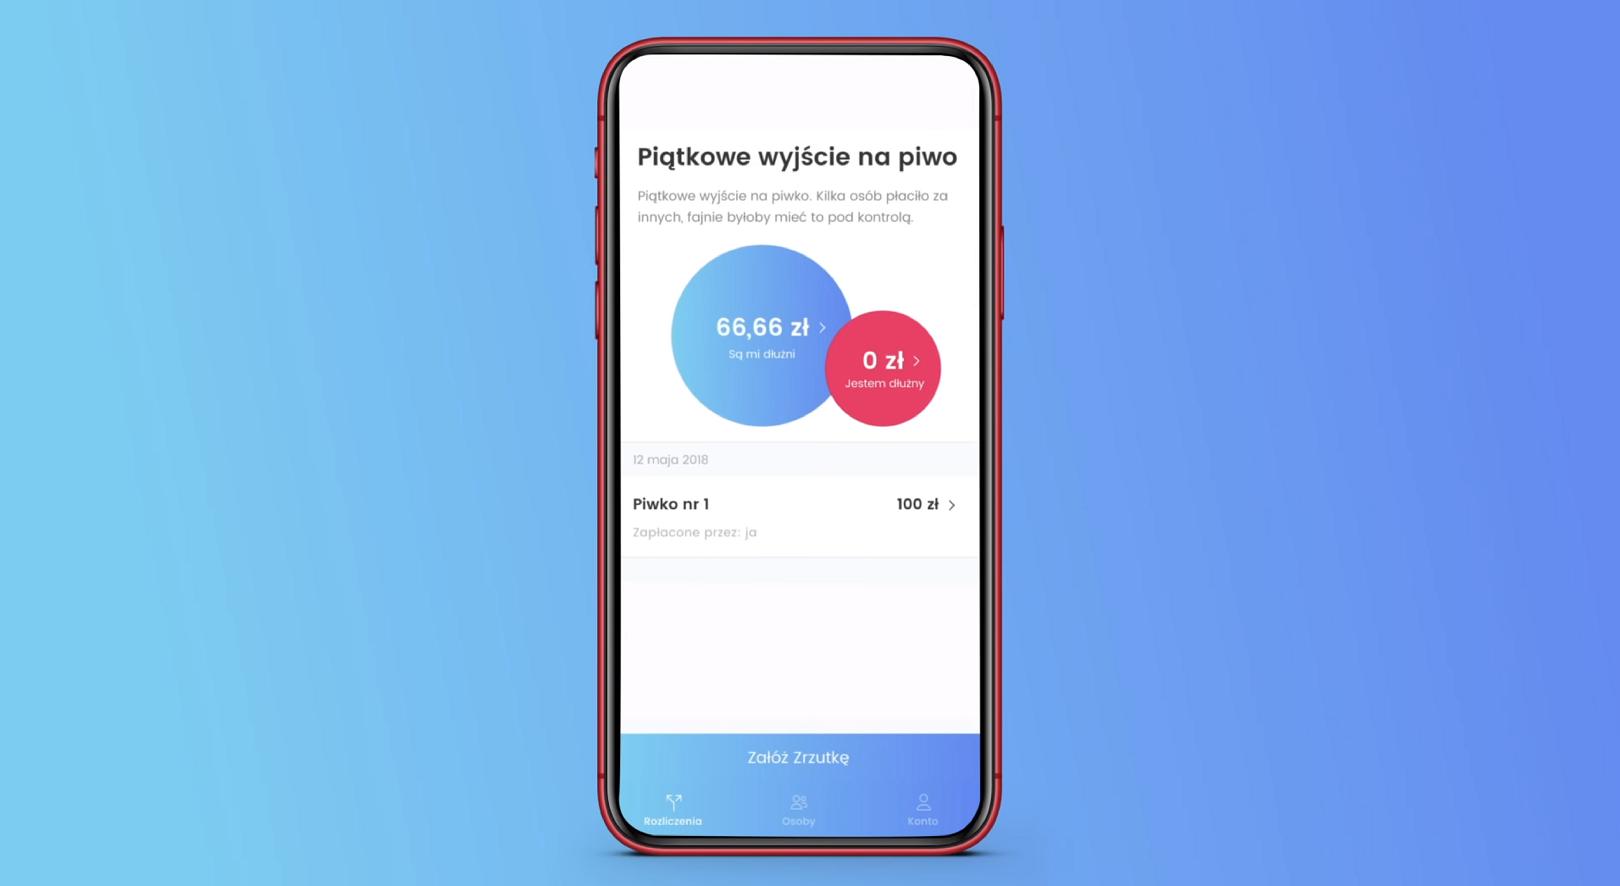 Rozliczenia w aplikacji mobilnej zrzutka.pl - sprawdź to!